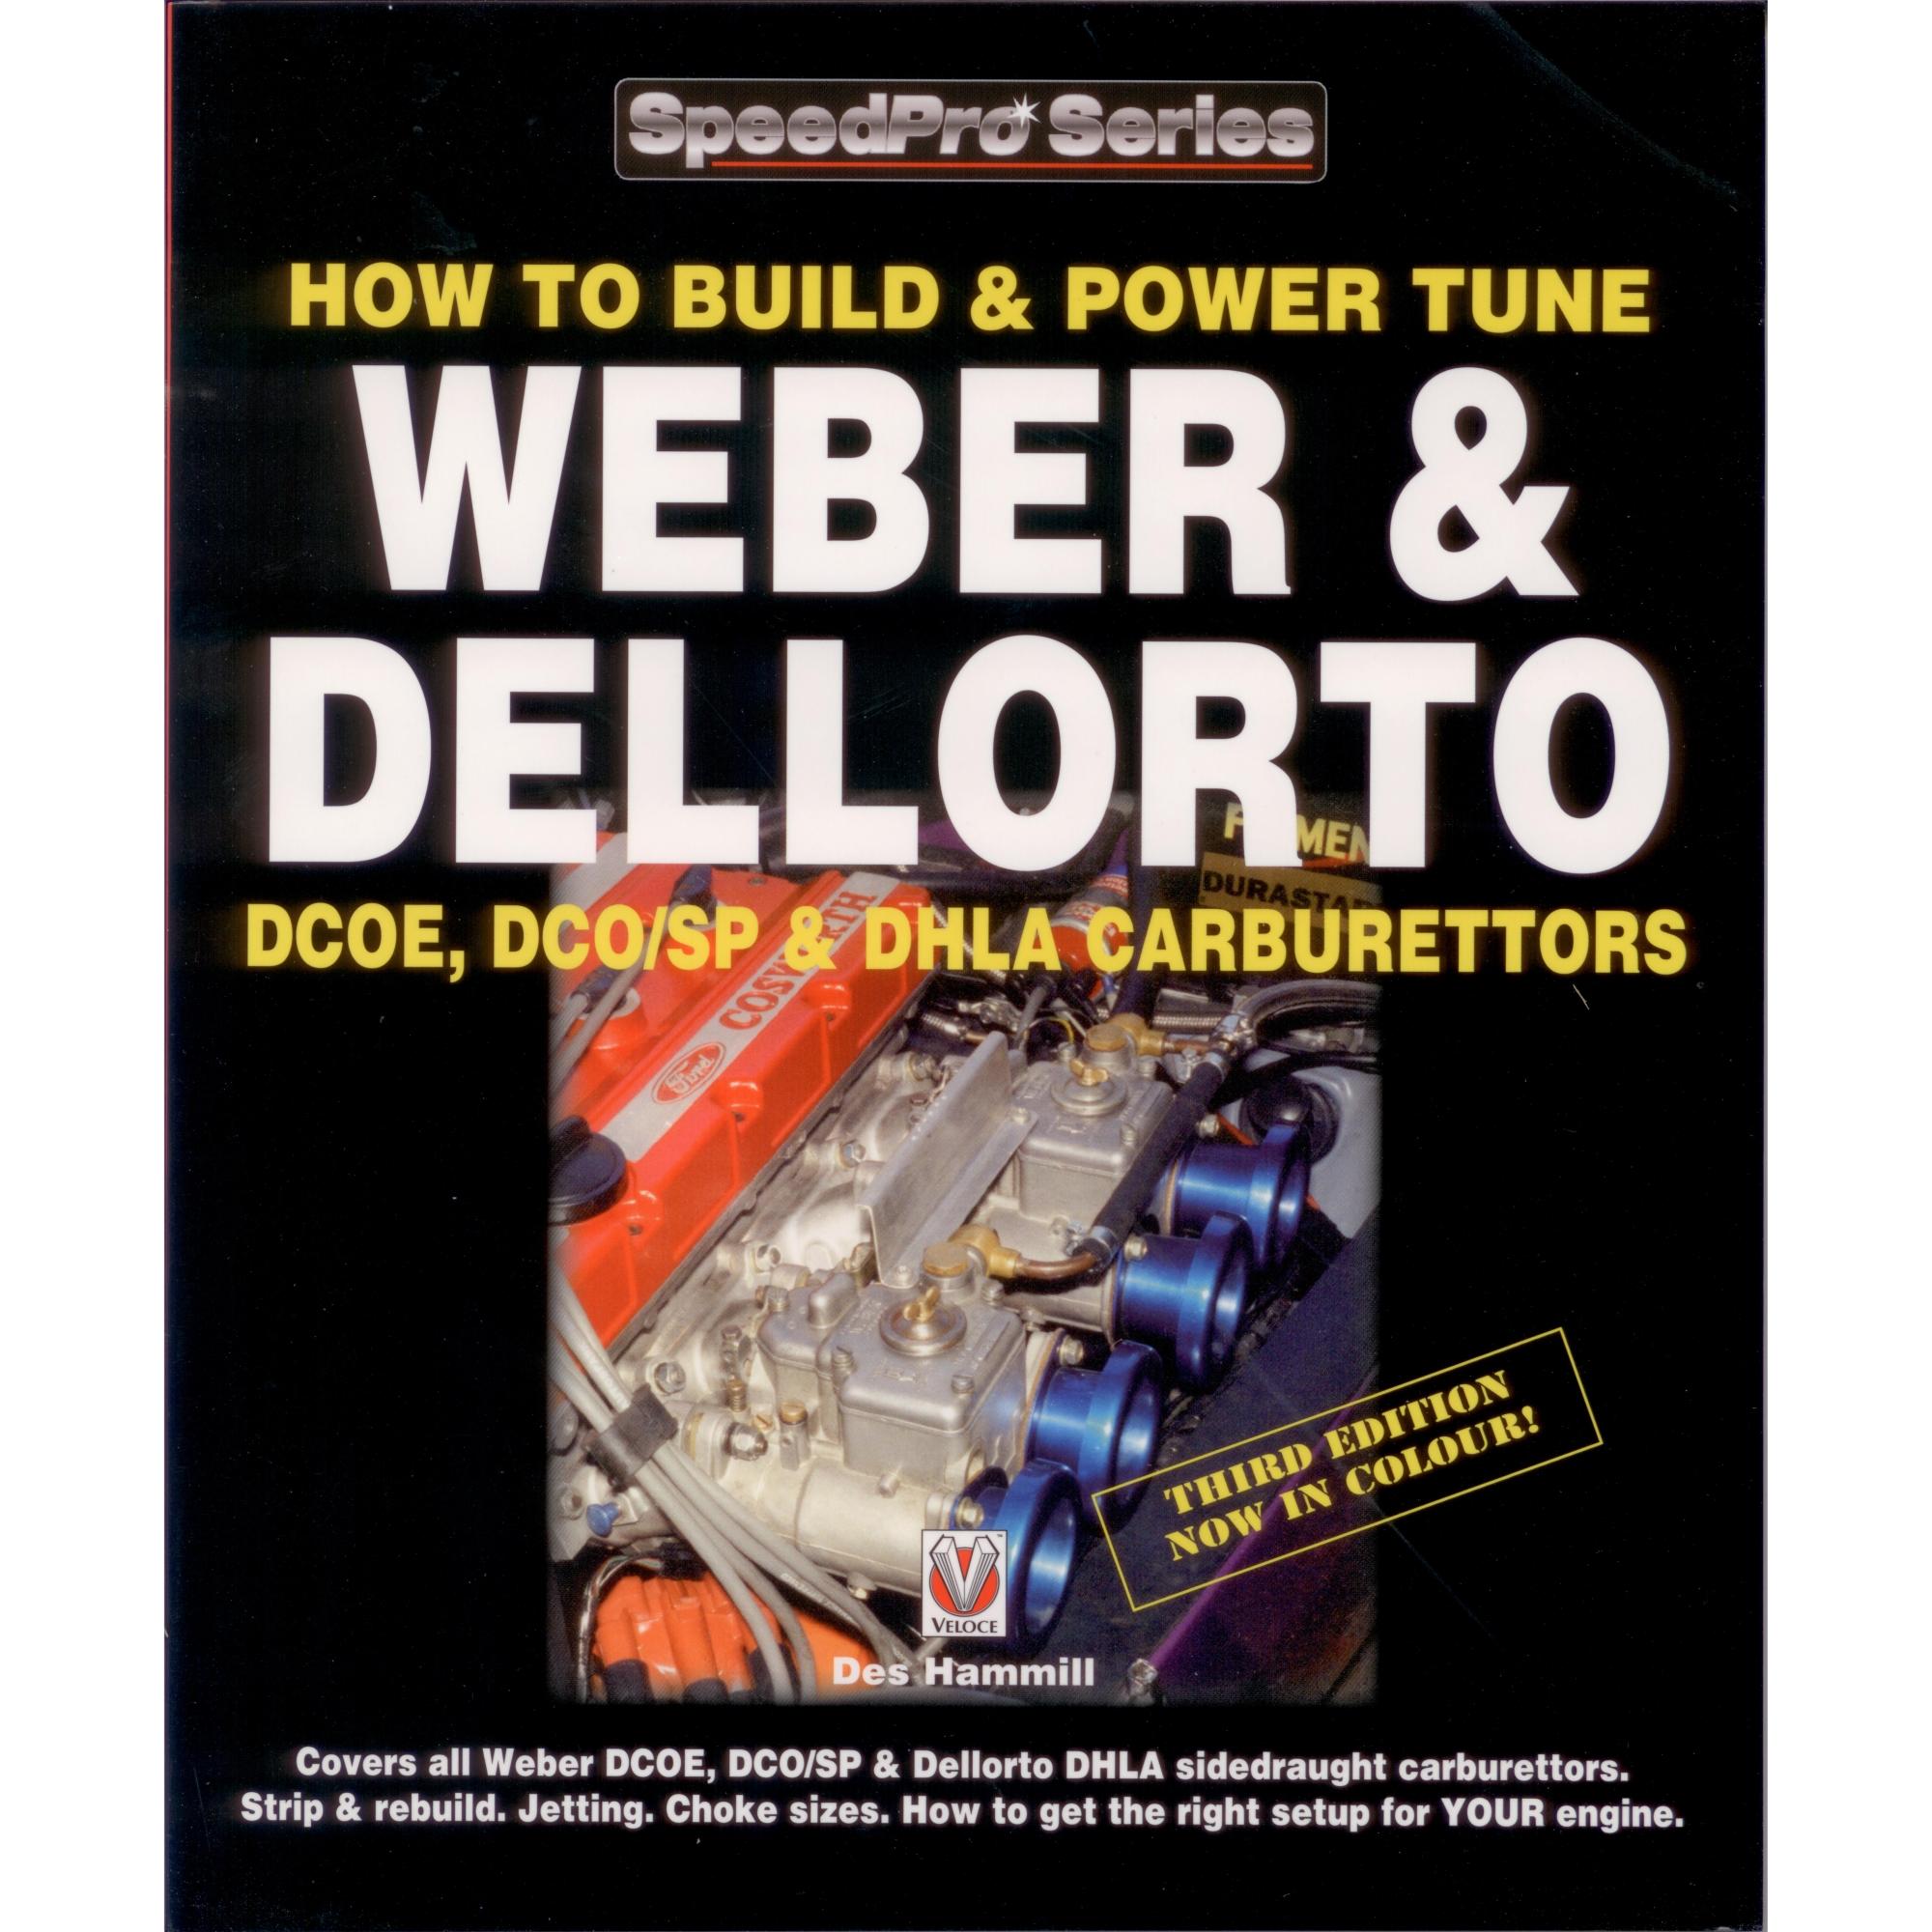 dellorto weber power tuning guide eurocarb rh dellorto co uk Engine Tuning Engine Tuning